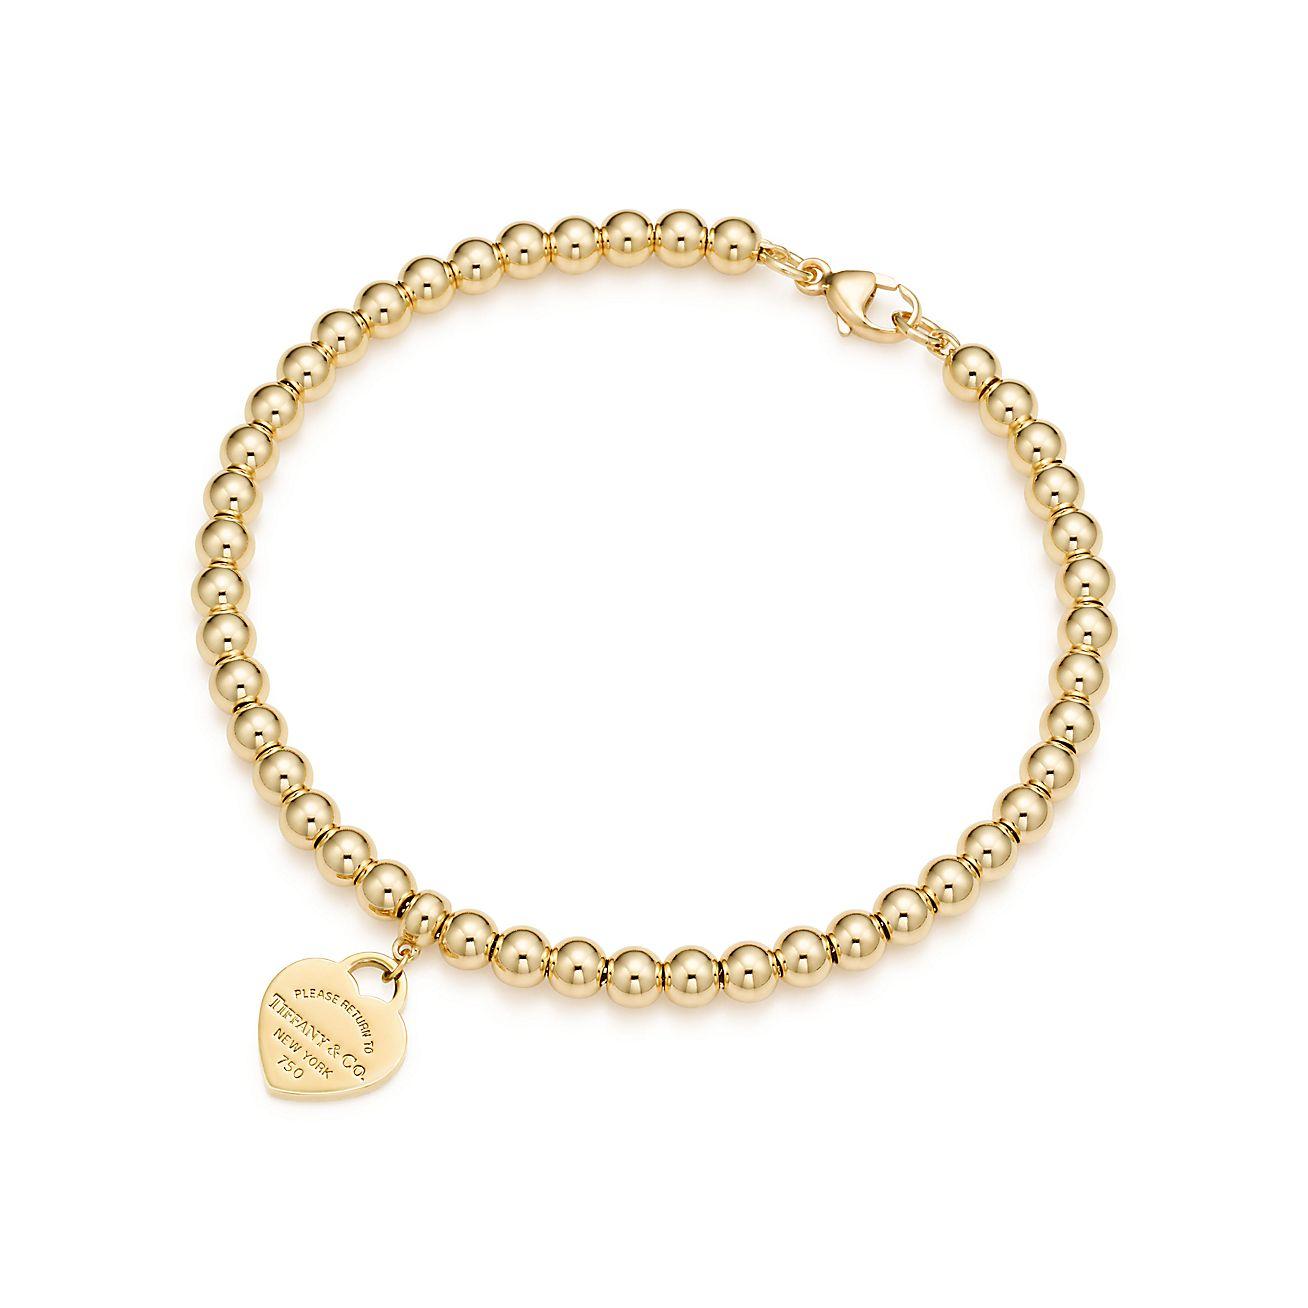 Brazalete con cuentas y placa mini estilo corazón en oro de 18 quilates, mediano | Tiffany & Co.